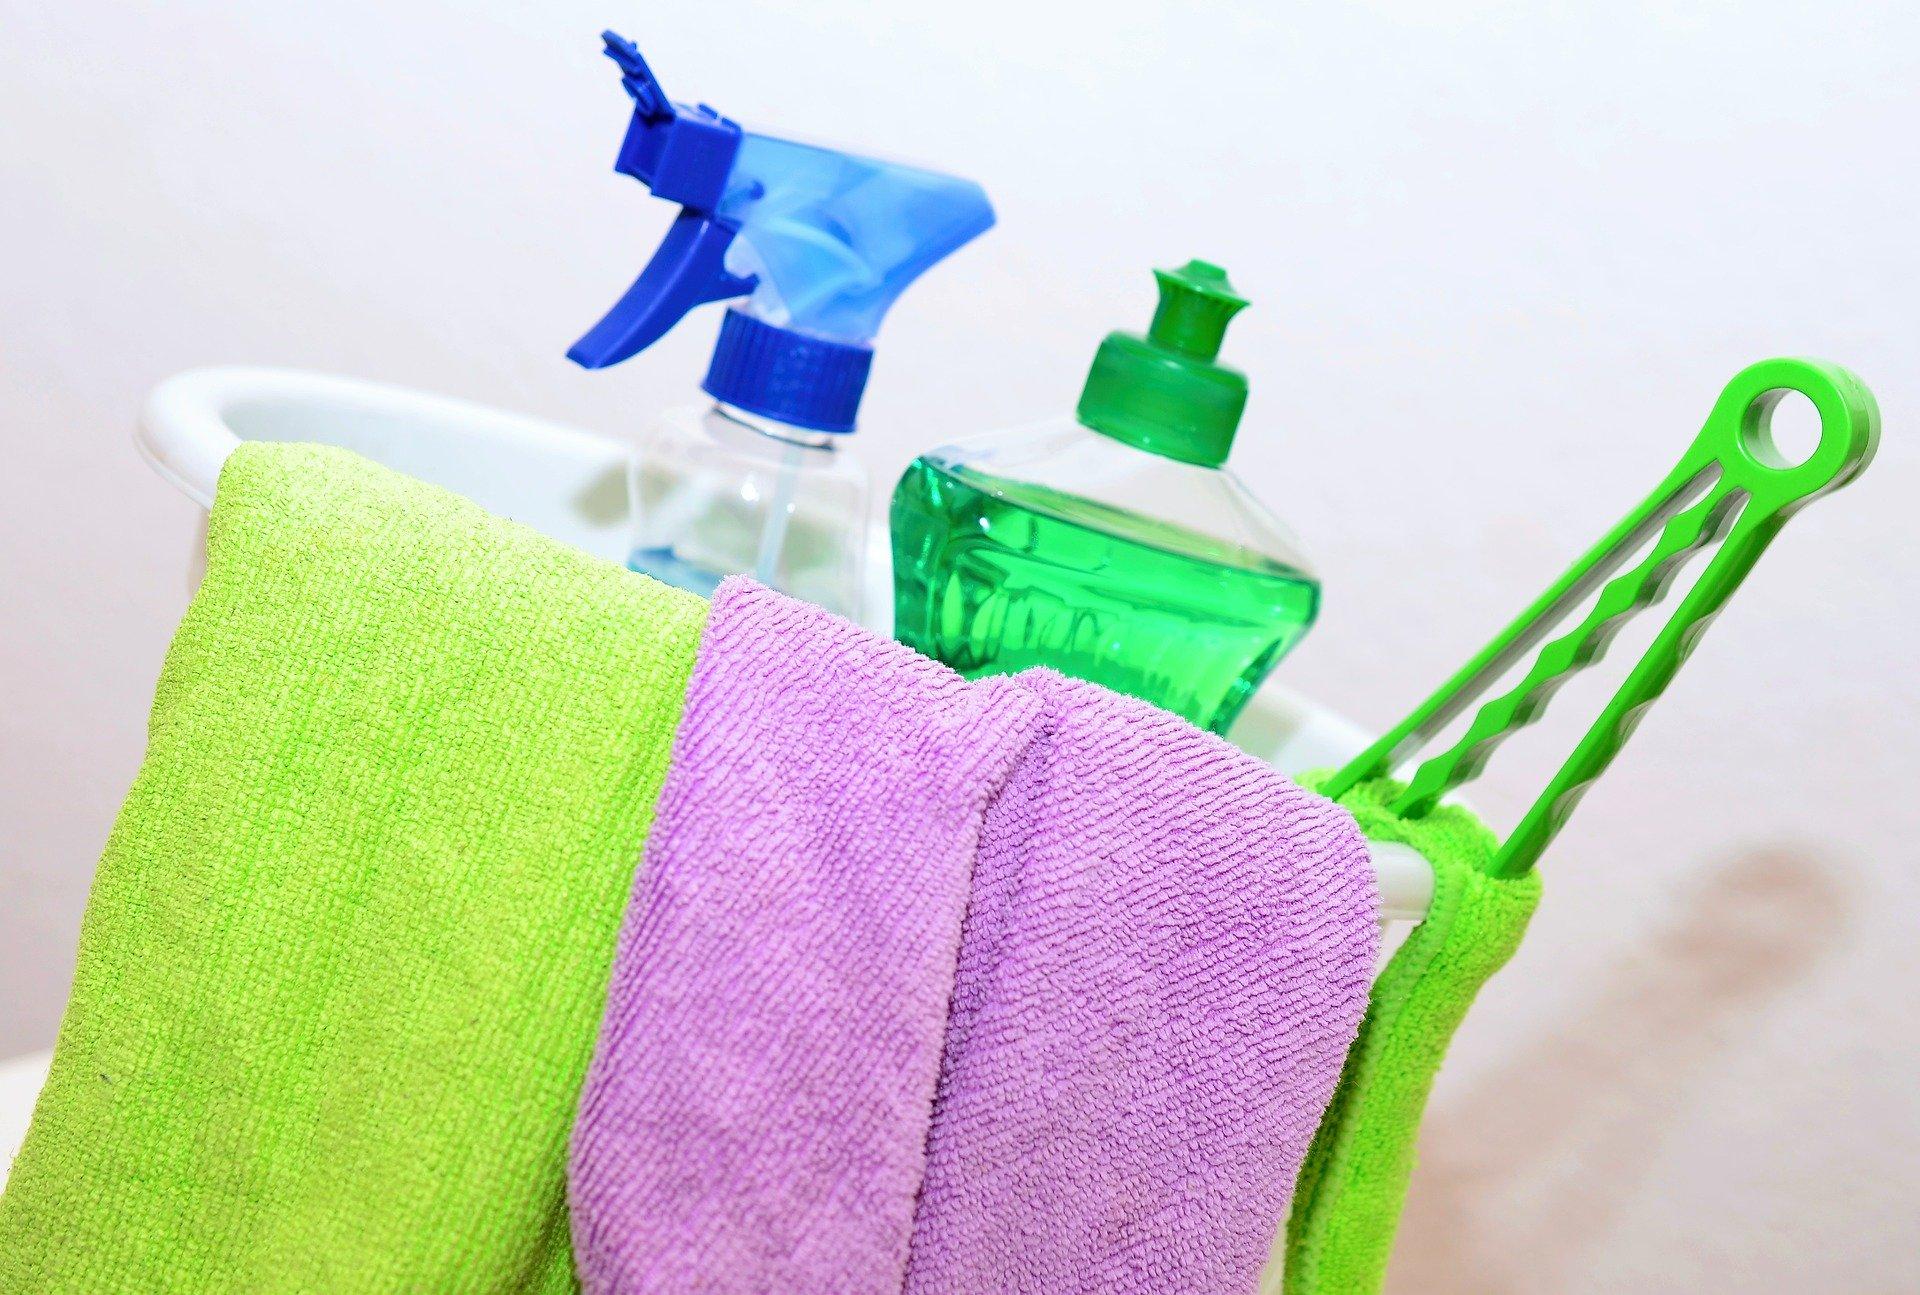 produits ménagers plus responsables